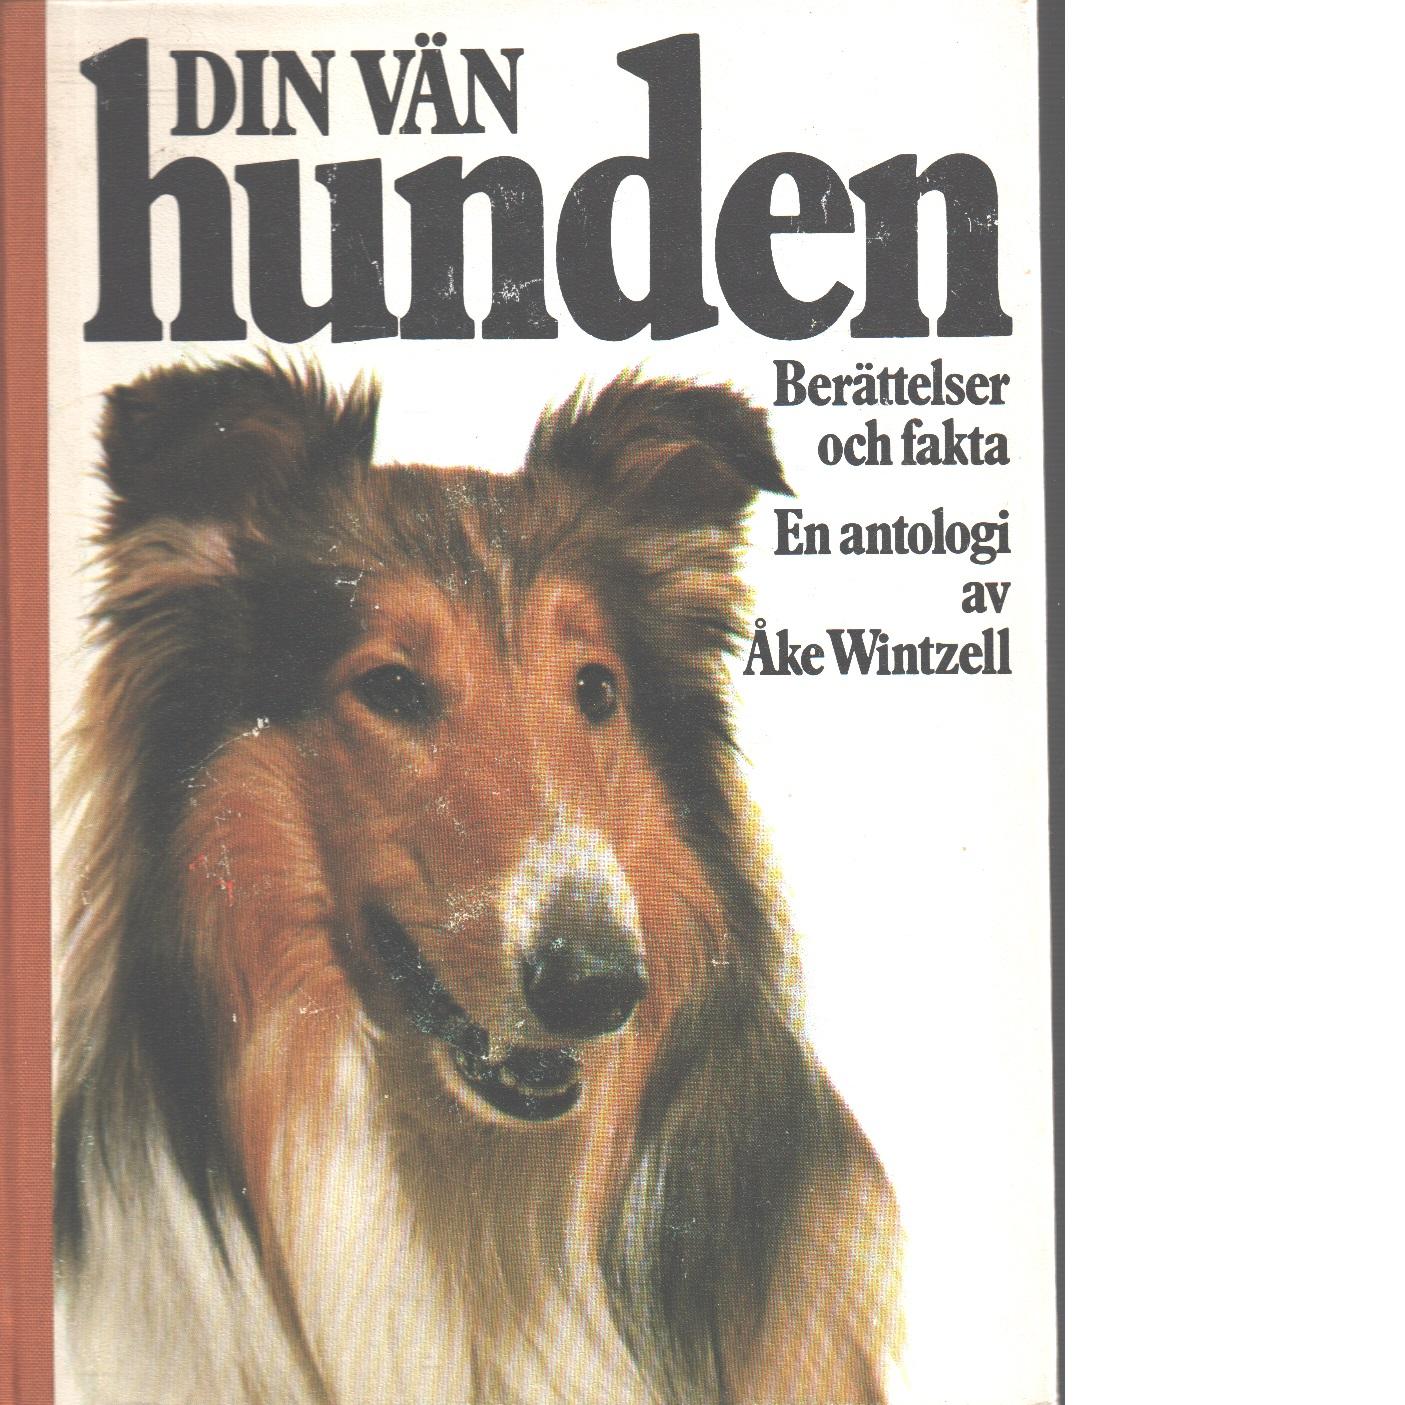 Din vän hunden : berättelser och fakta : en antologi - Red.